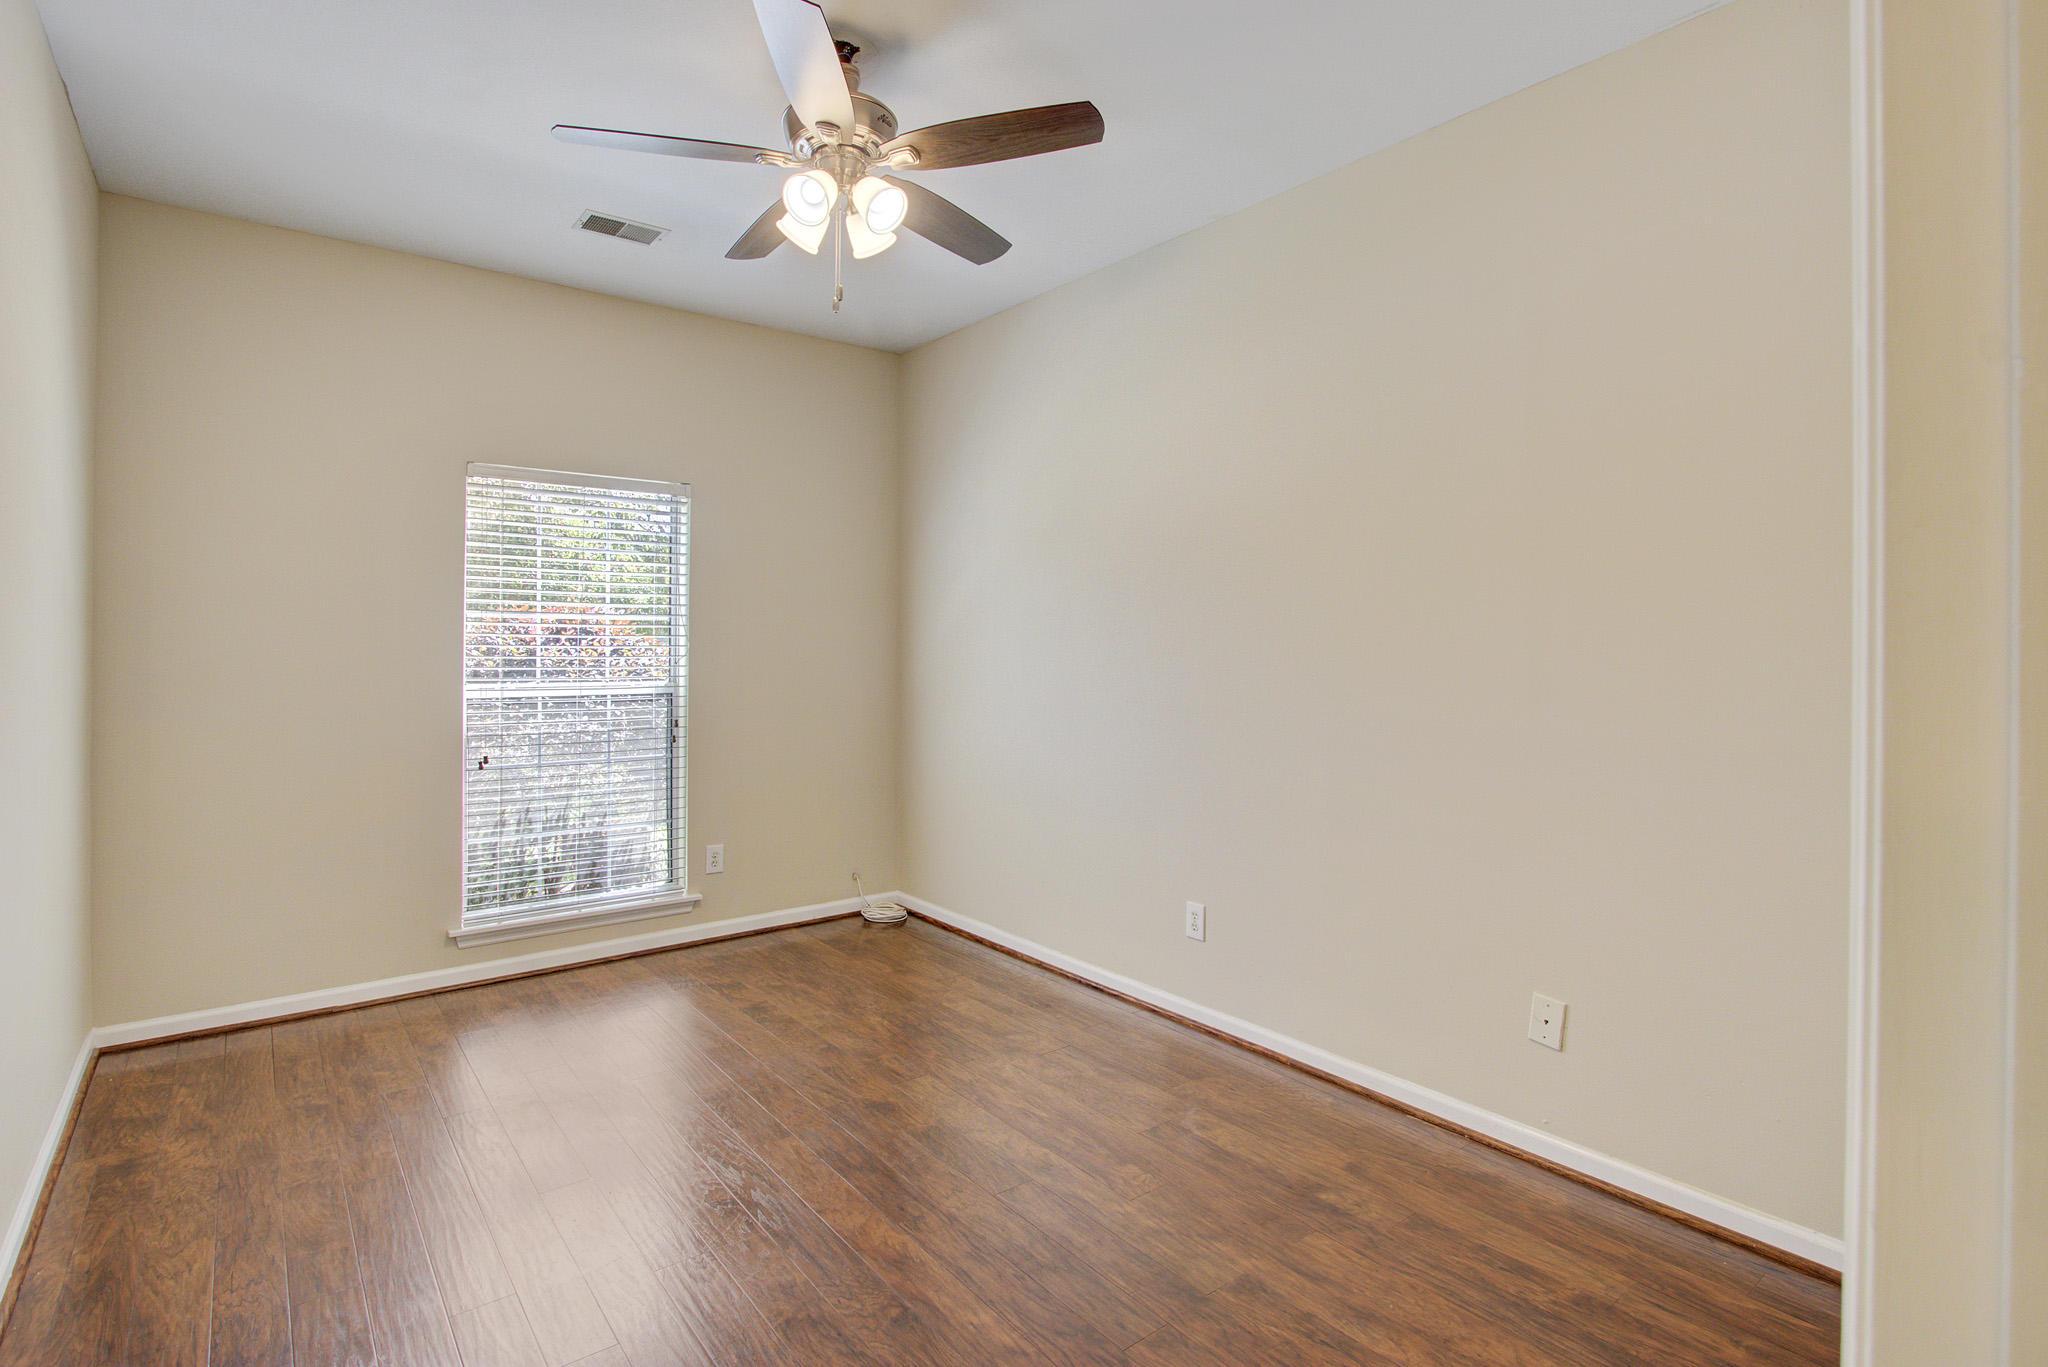 Dunes West Homes For Sale - 1645 Pin Oak Cut, Mount Pleasant, SC - 5